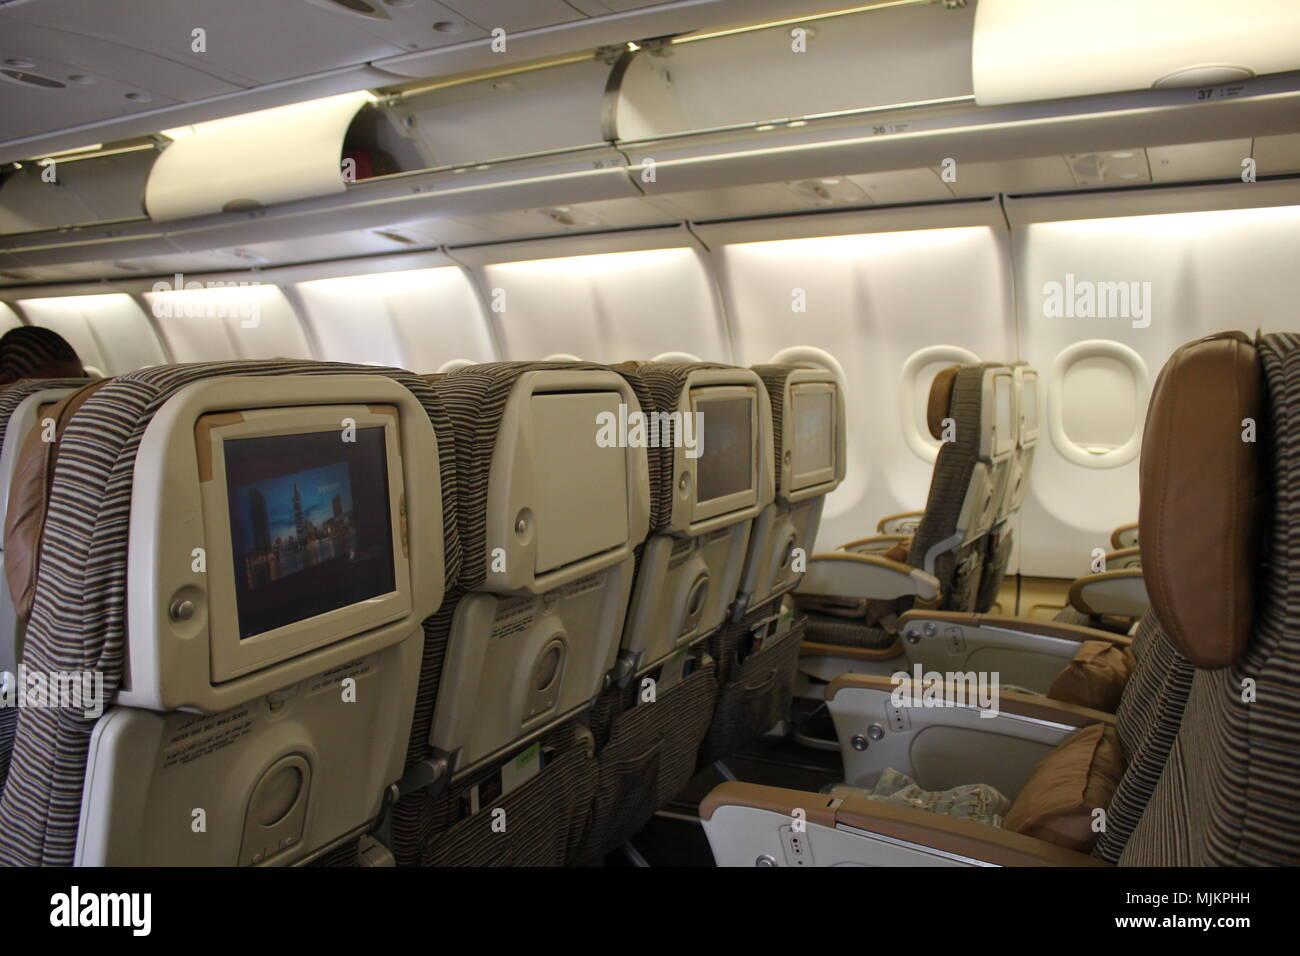 Etihad airways innenraum stockfoto bild 183602317 alamy for Innenraum planen